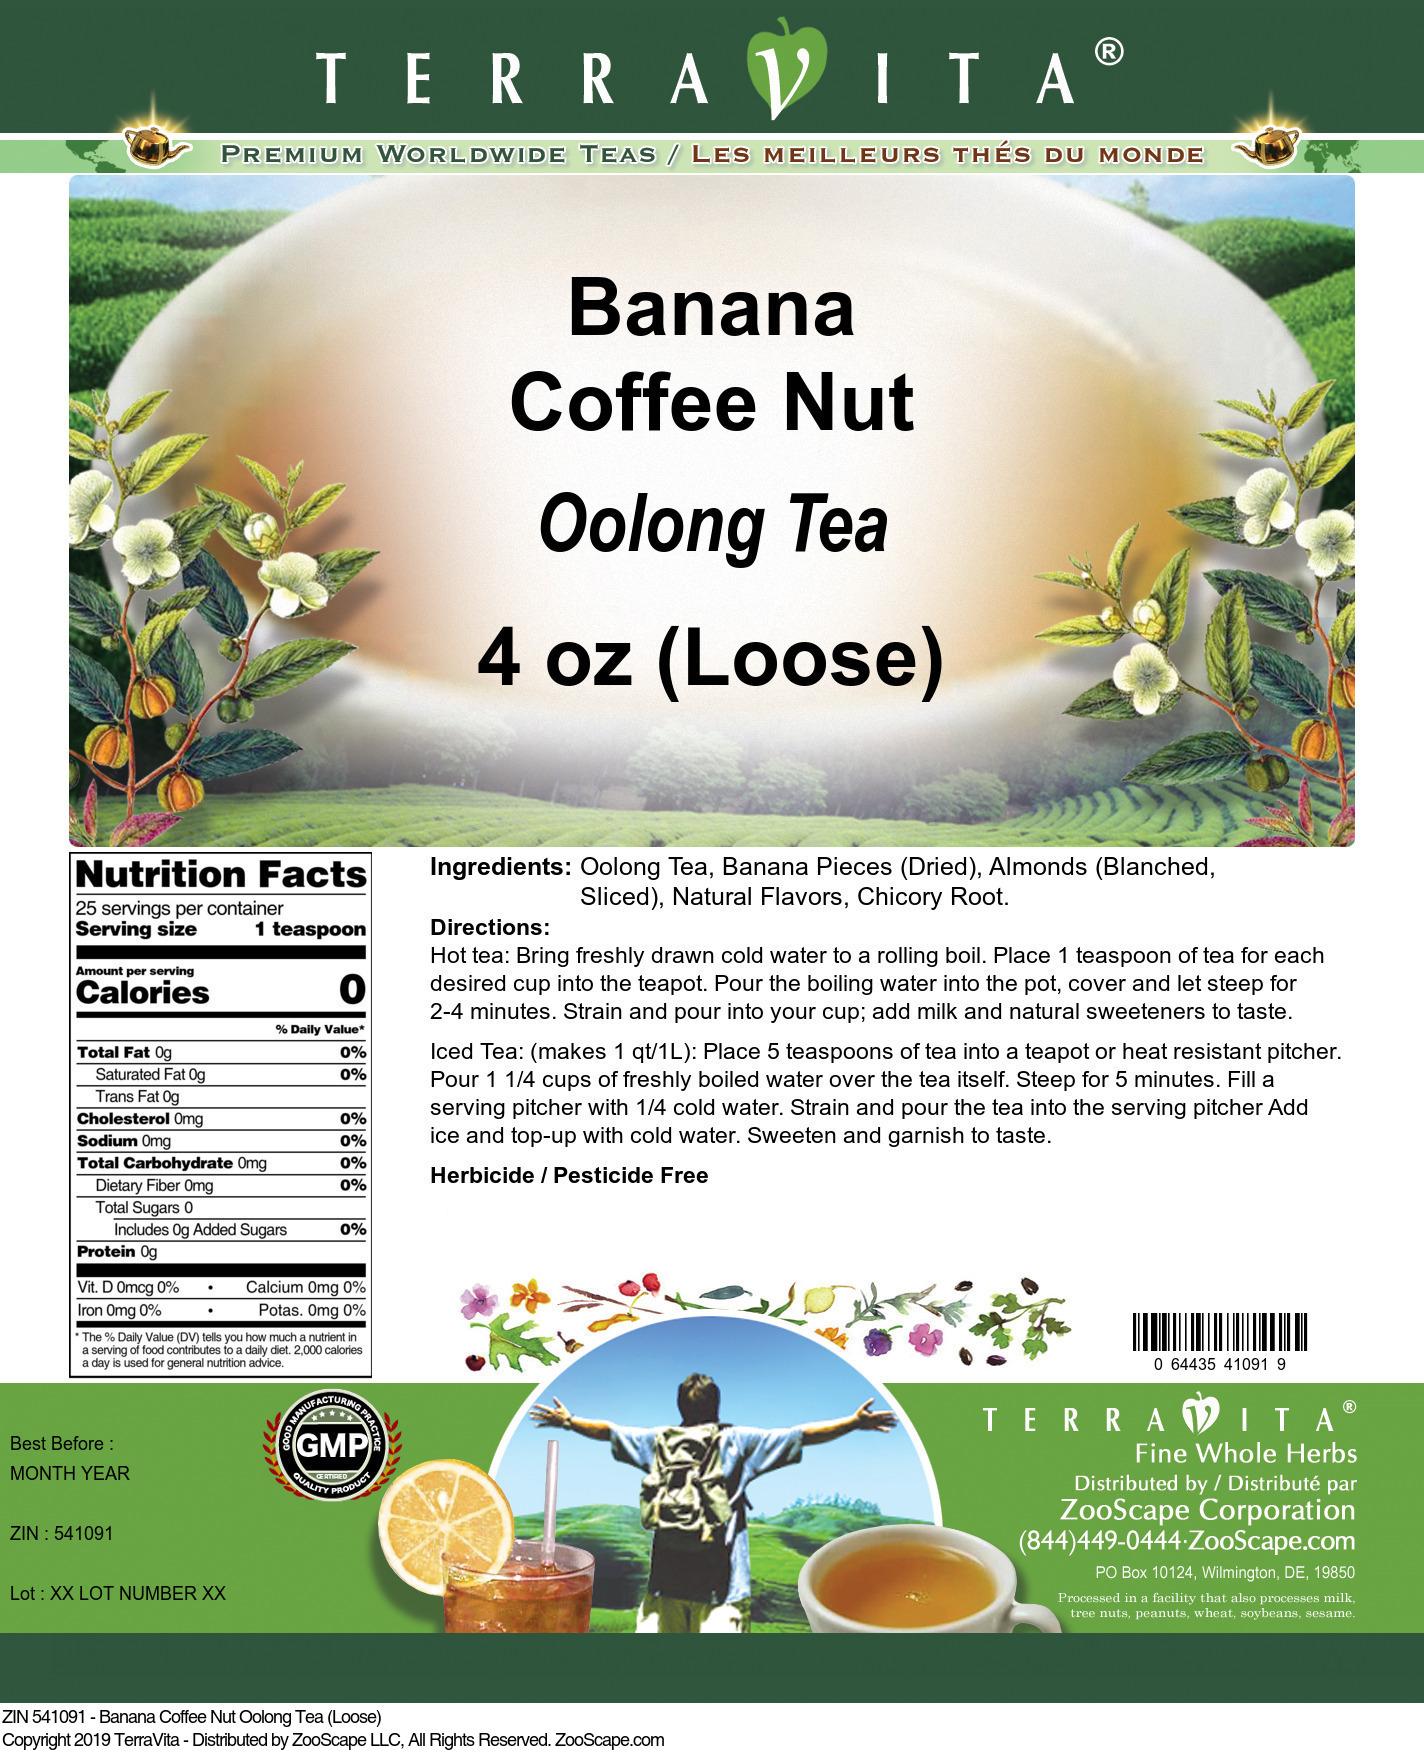 Banana Coffee Nut Oolong Tea (Loose)